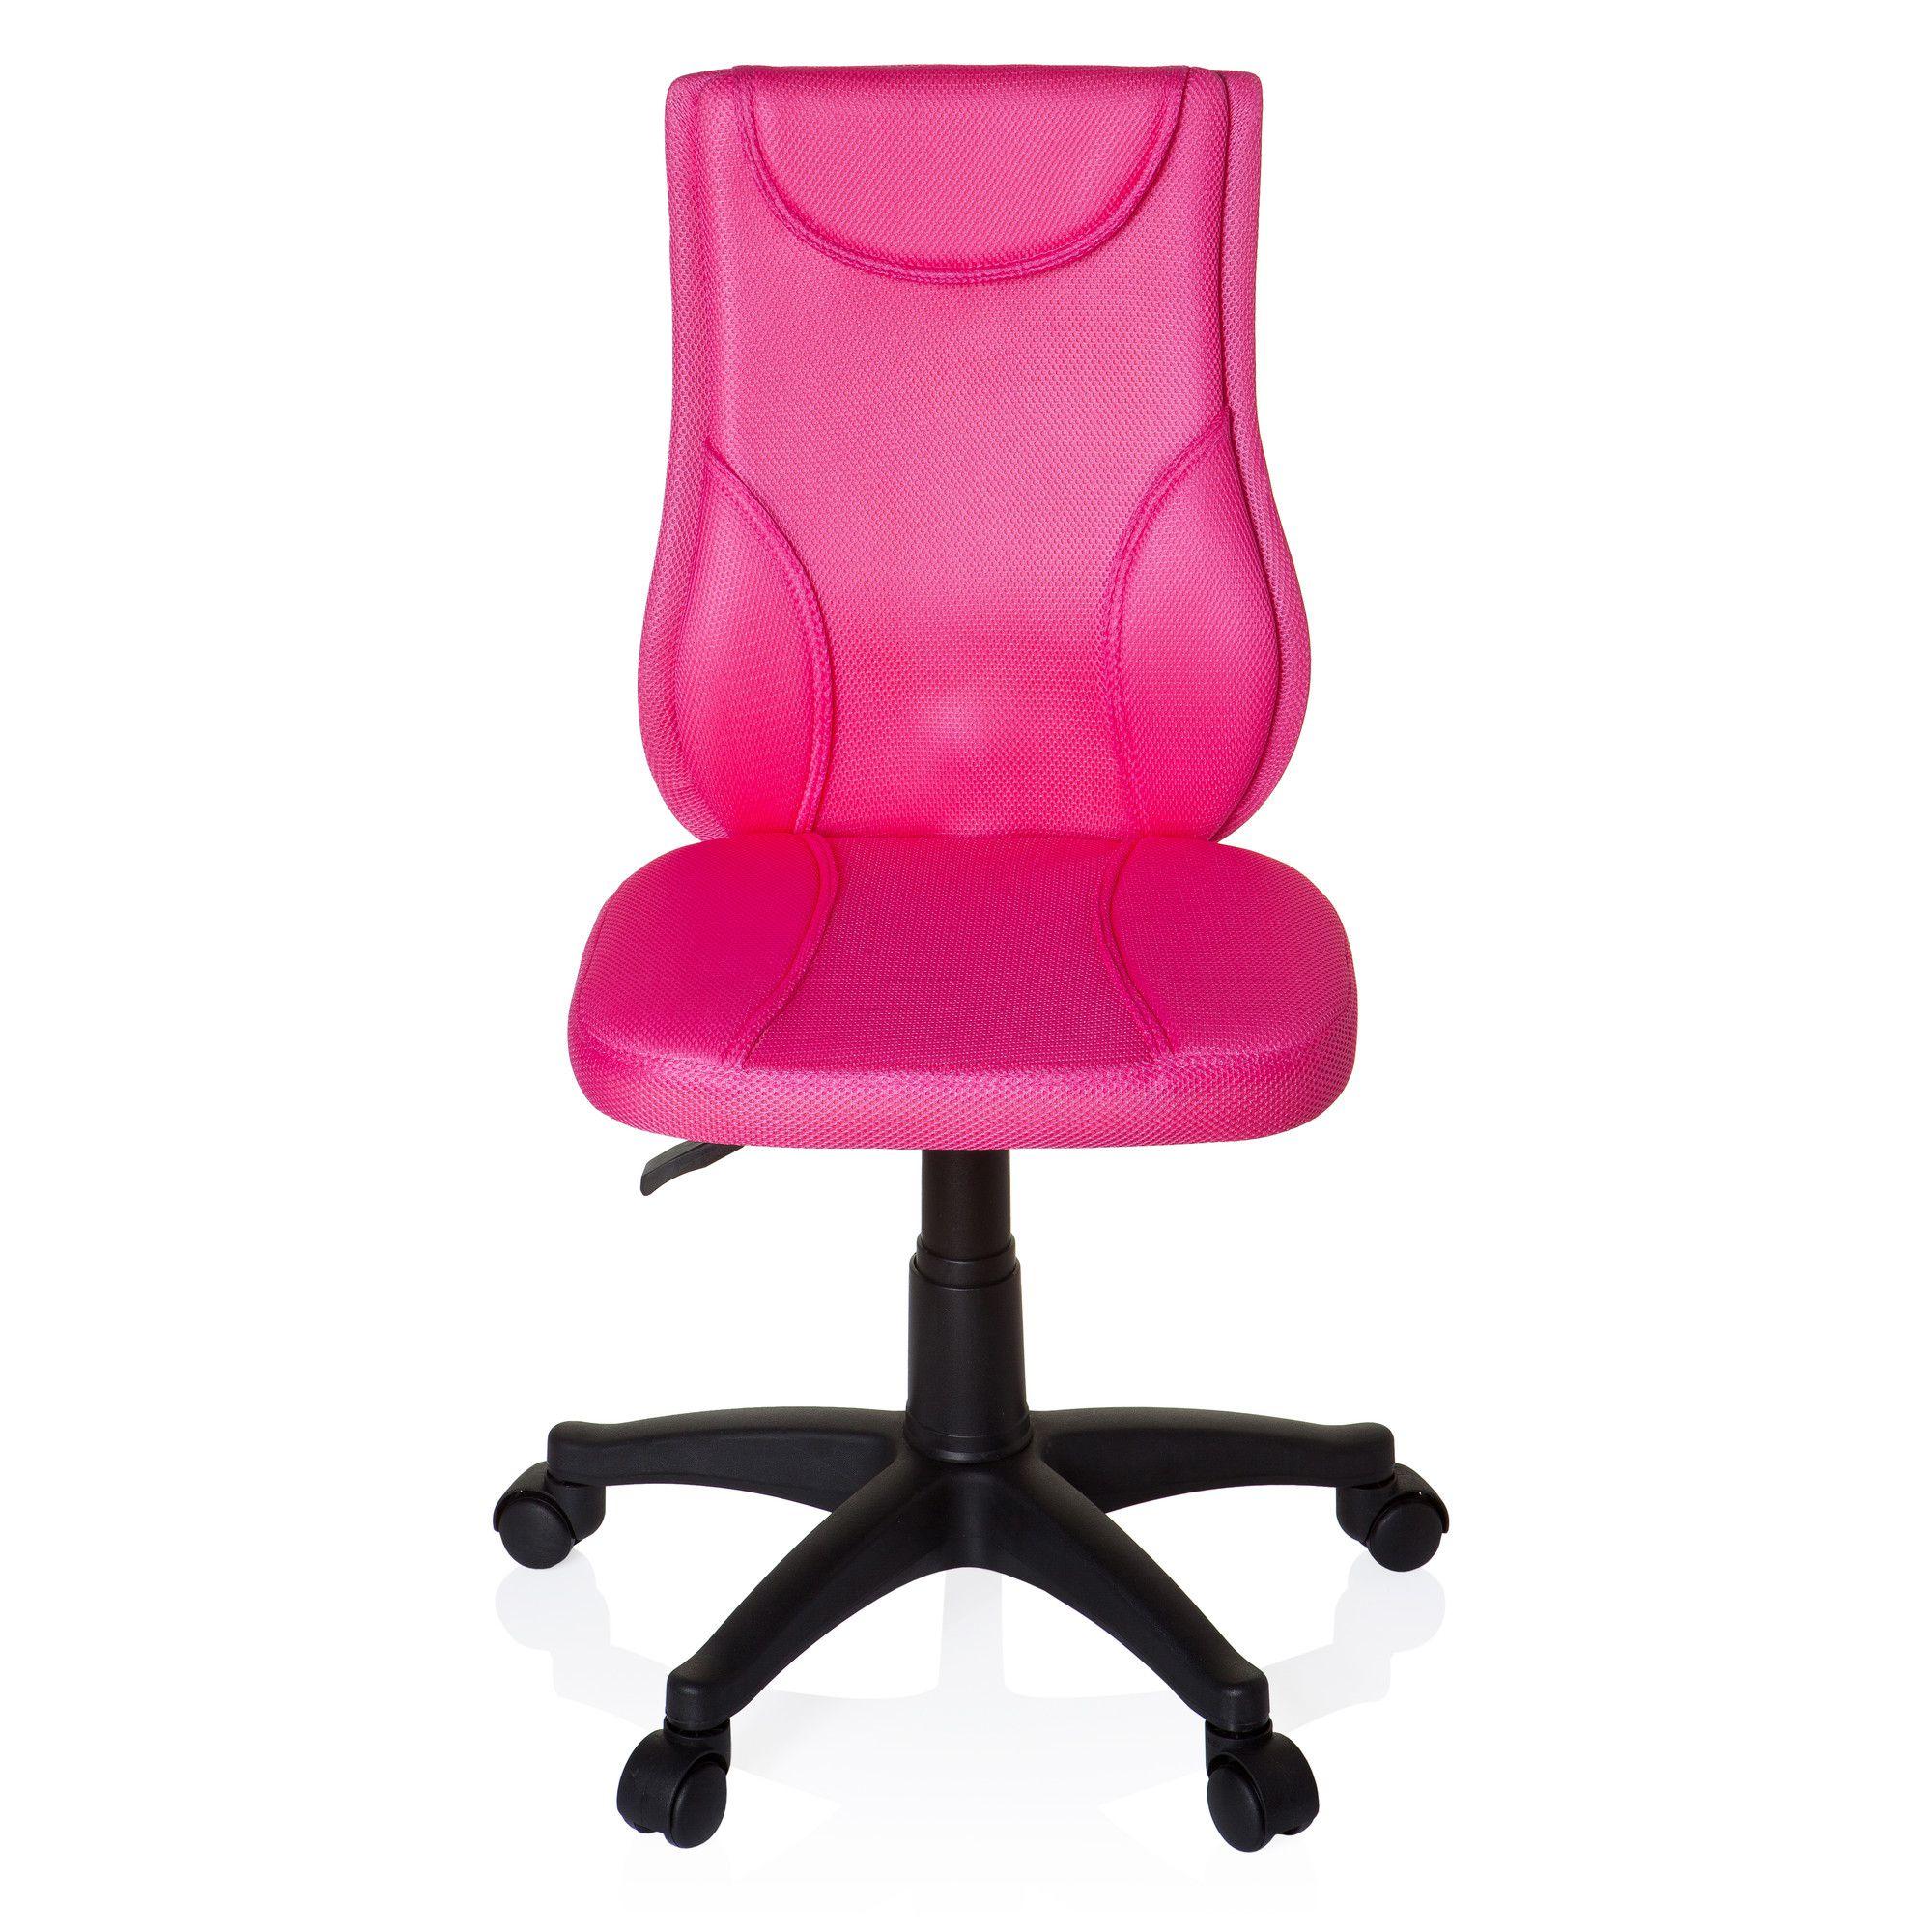 Chaise Bureau Enfant Rose Achat Vente Pas Cher